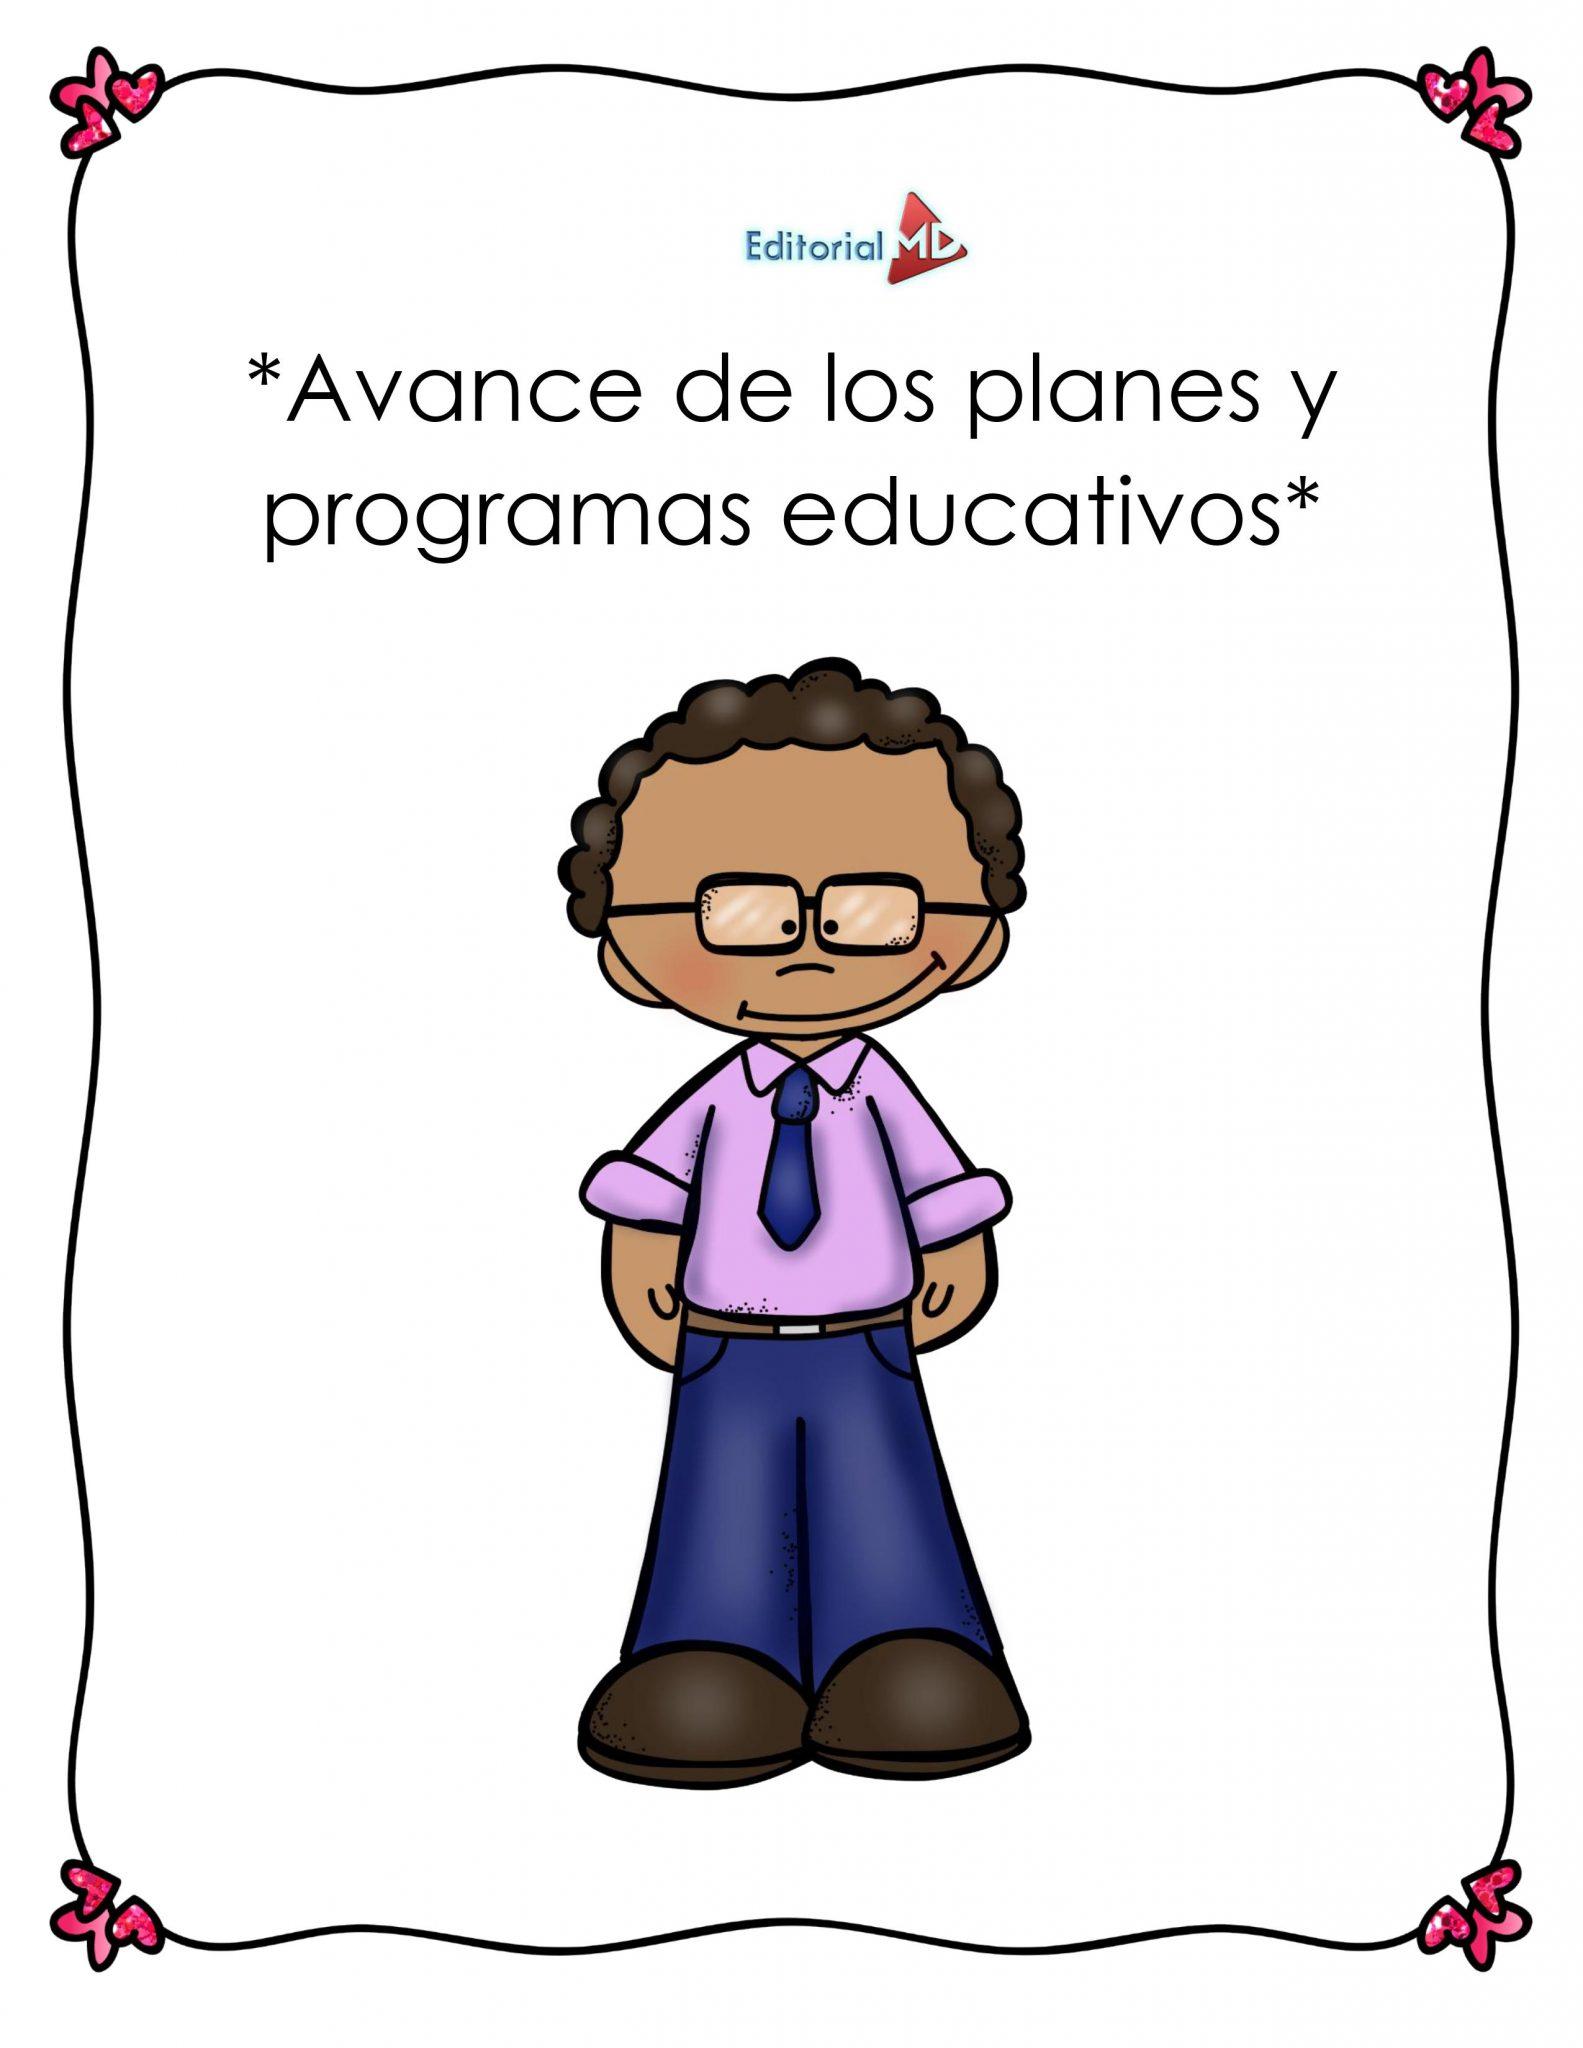 Avance de los planes y programas educativos 01